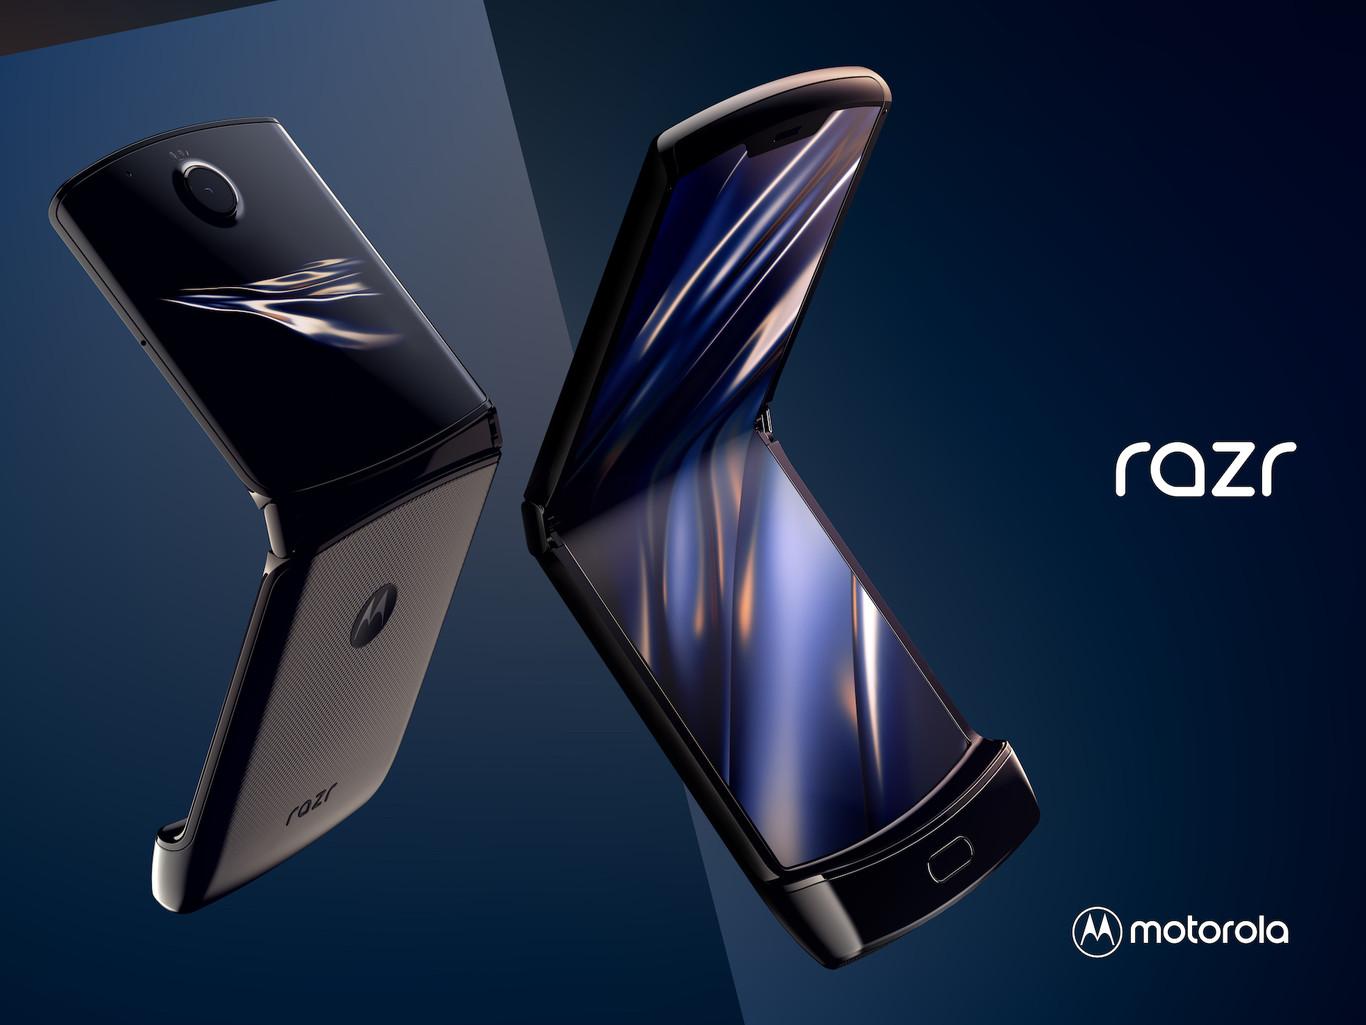 Powrót legendy. Motorola razr to jest to, czego oczekiwaliśmy od składanych smartfonów 17